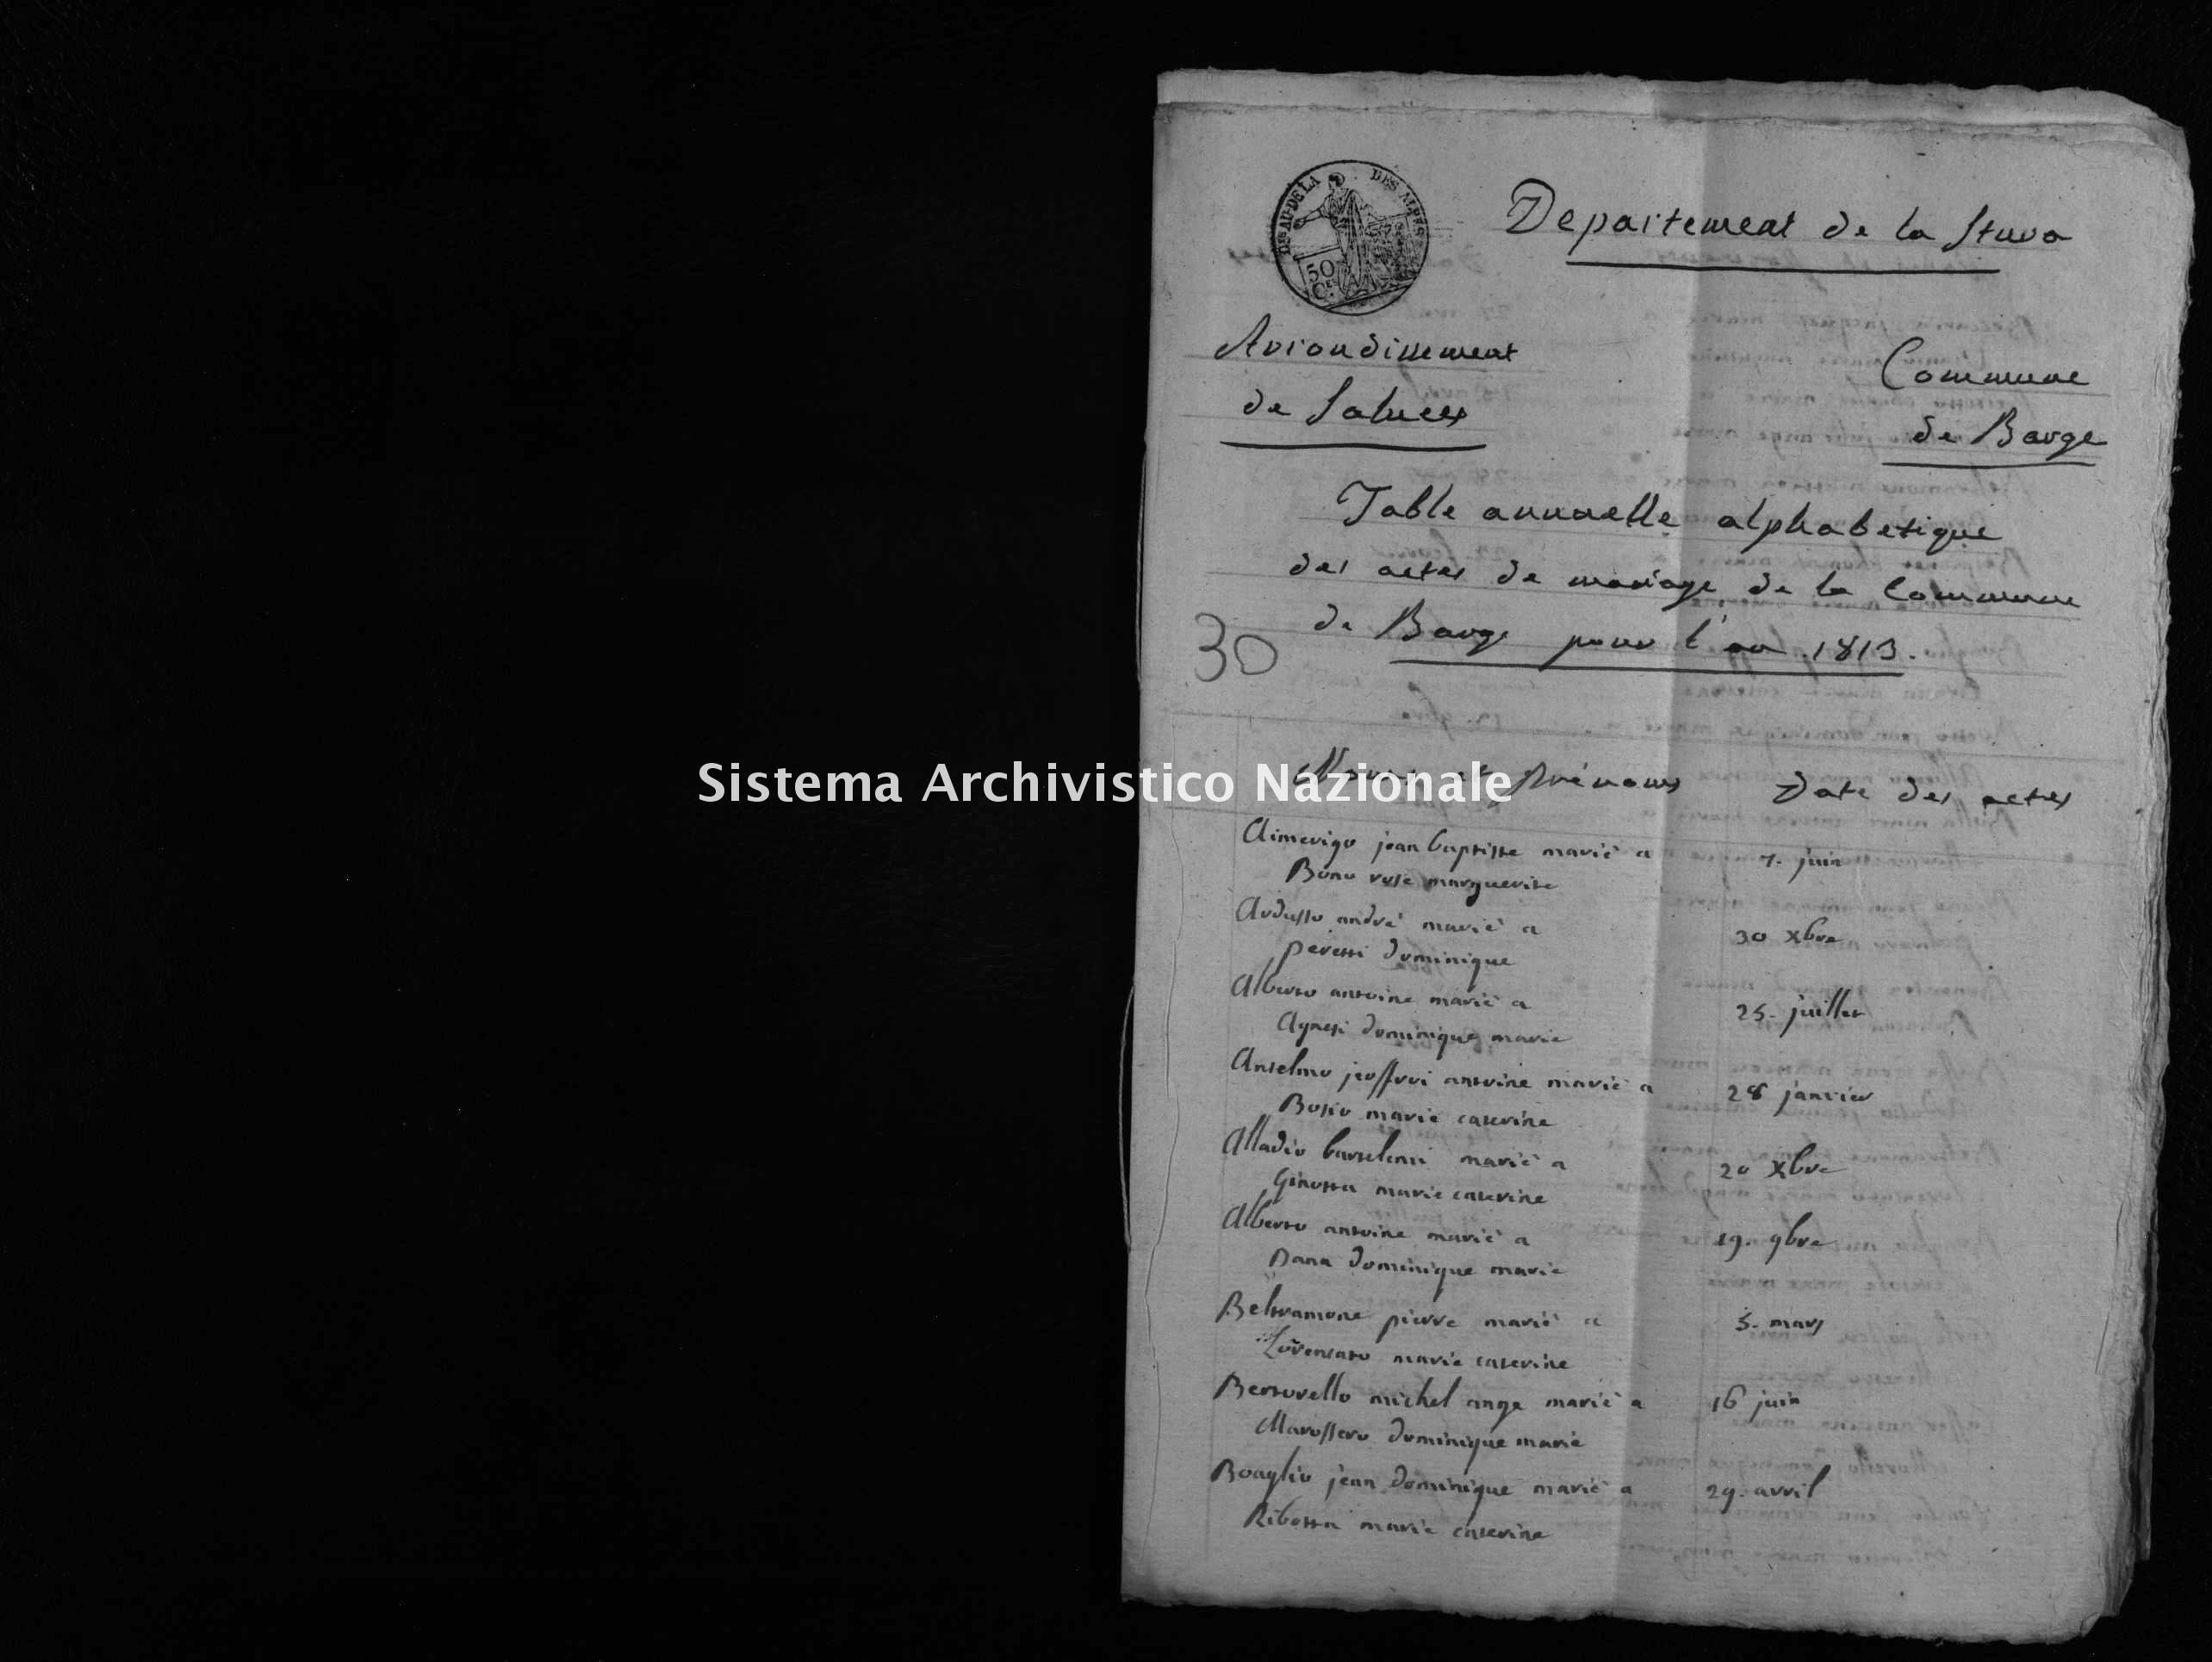 Archivio di stato di Cuneo - Stato civile napoleonico - Barge - Matrimoni, indice - 1813 - 46 -